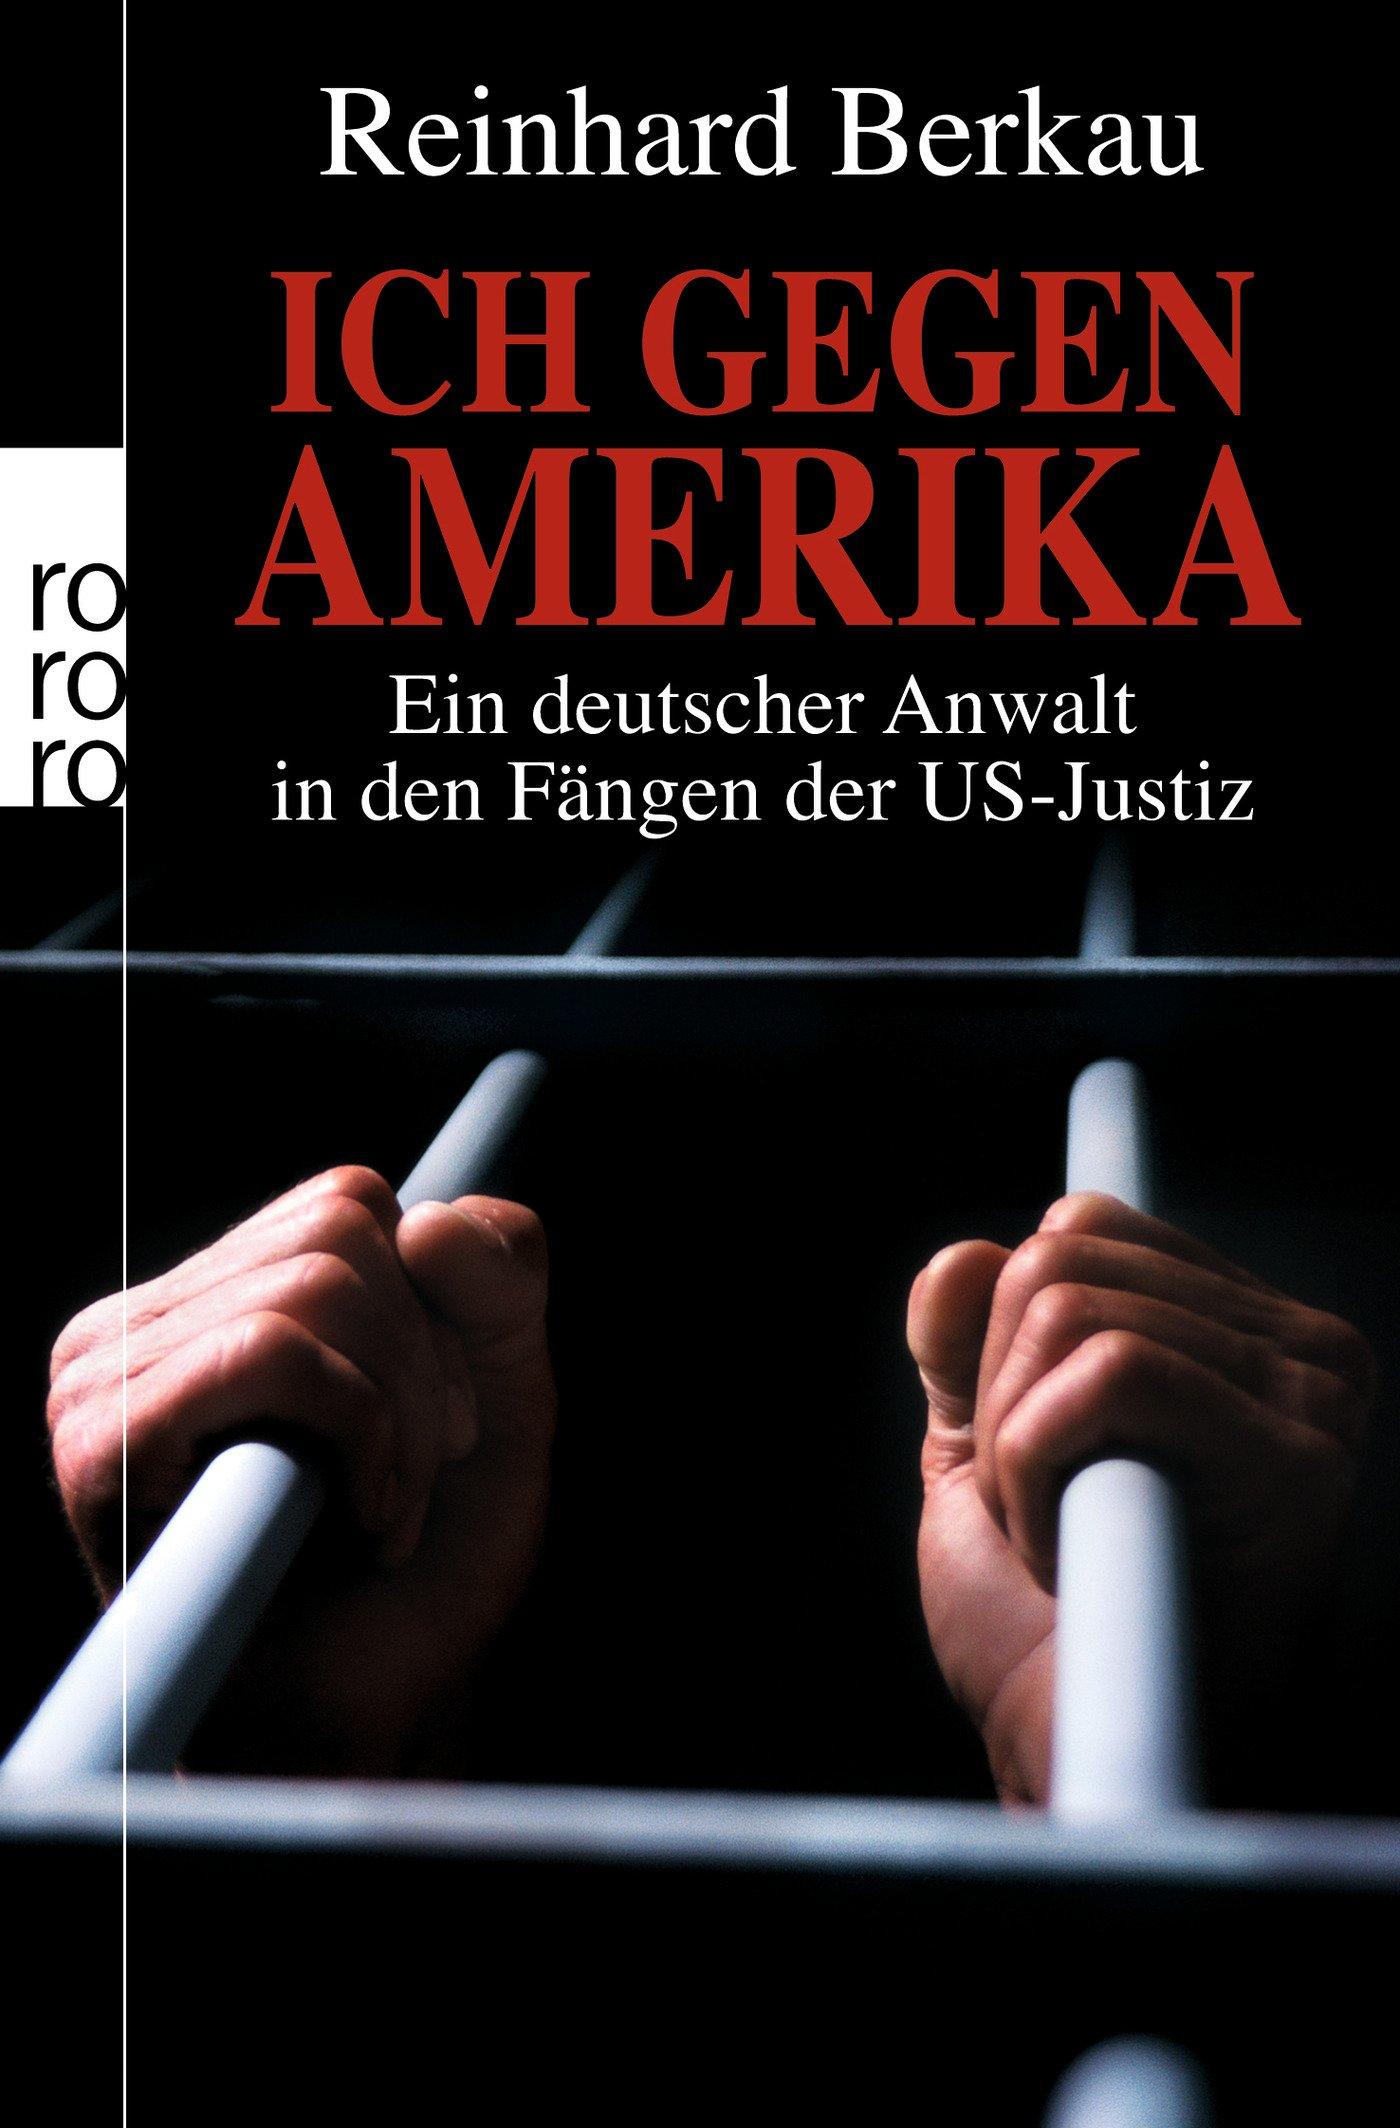 Ich gegen Amerika: Ein deutscher Anwalt in den Fängen der US-Justiz